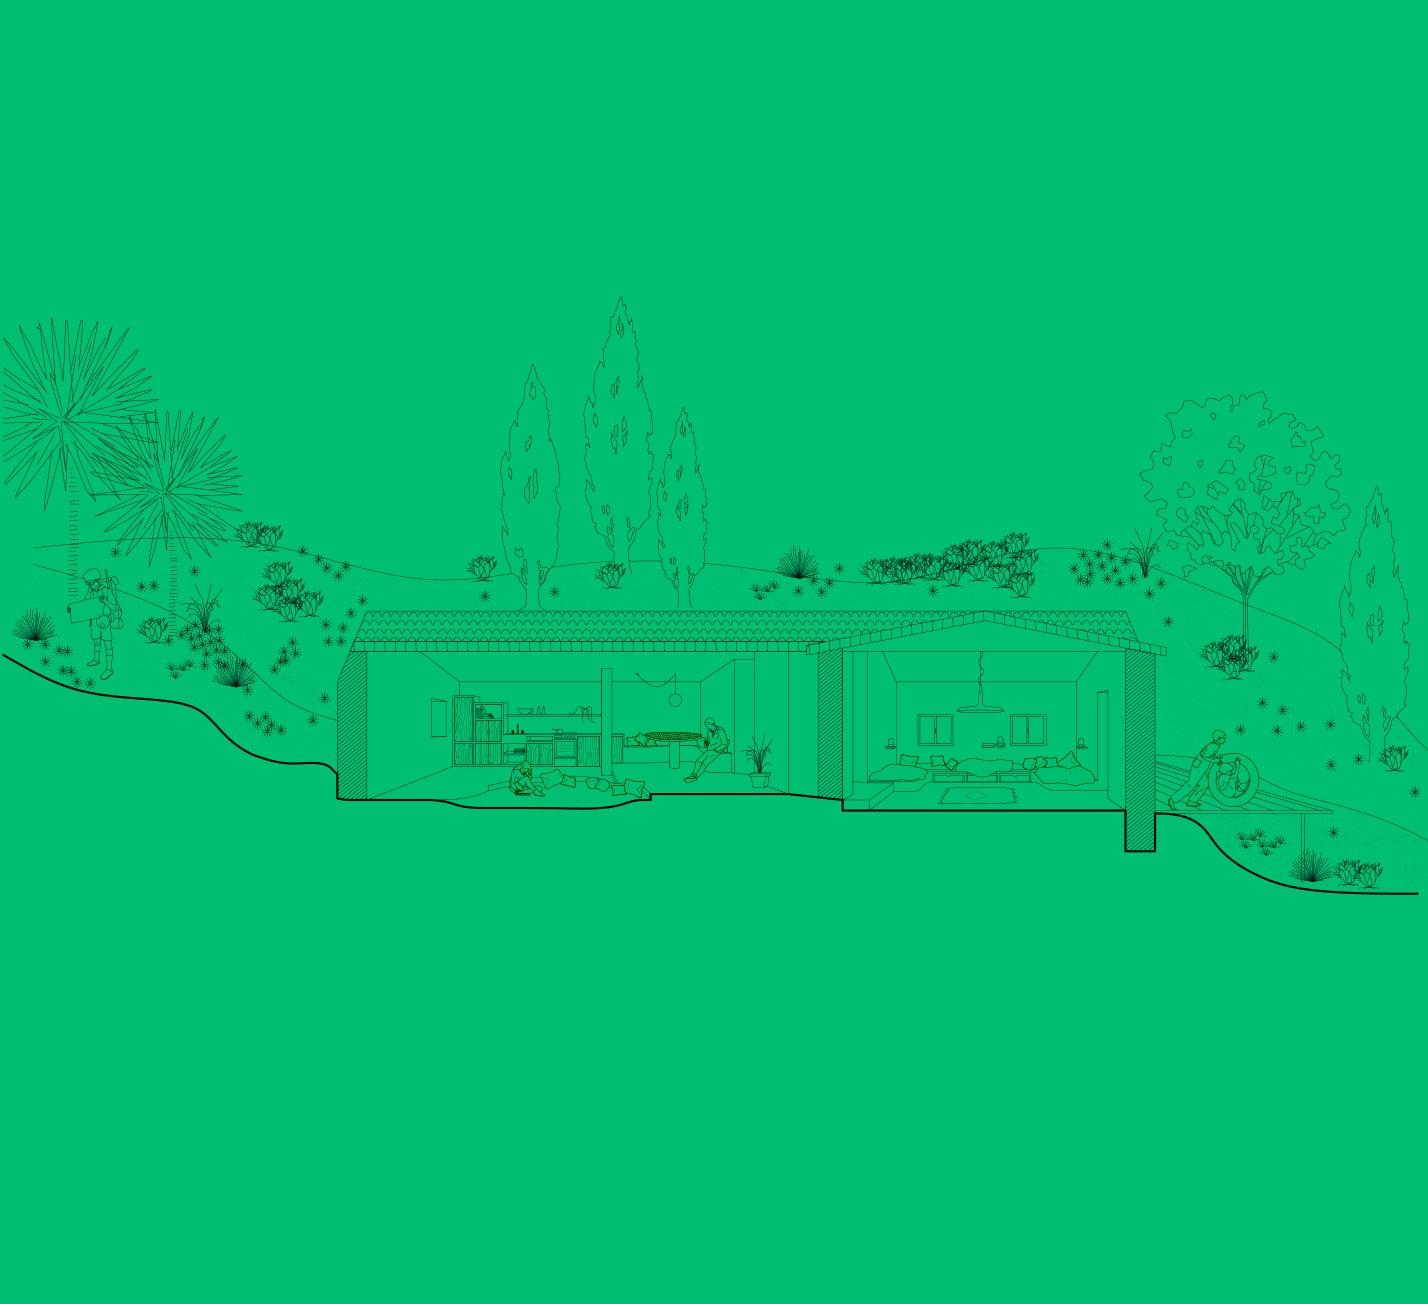 Projet-Bergeries-Atelier-Steve-Pauline-Borgia-Architecte-interieur-Coupe-01-min